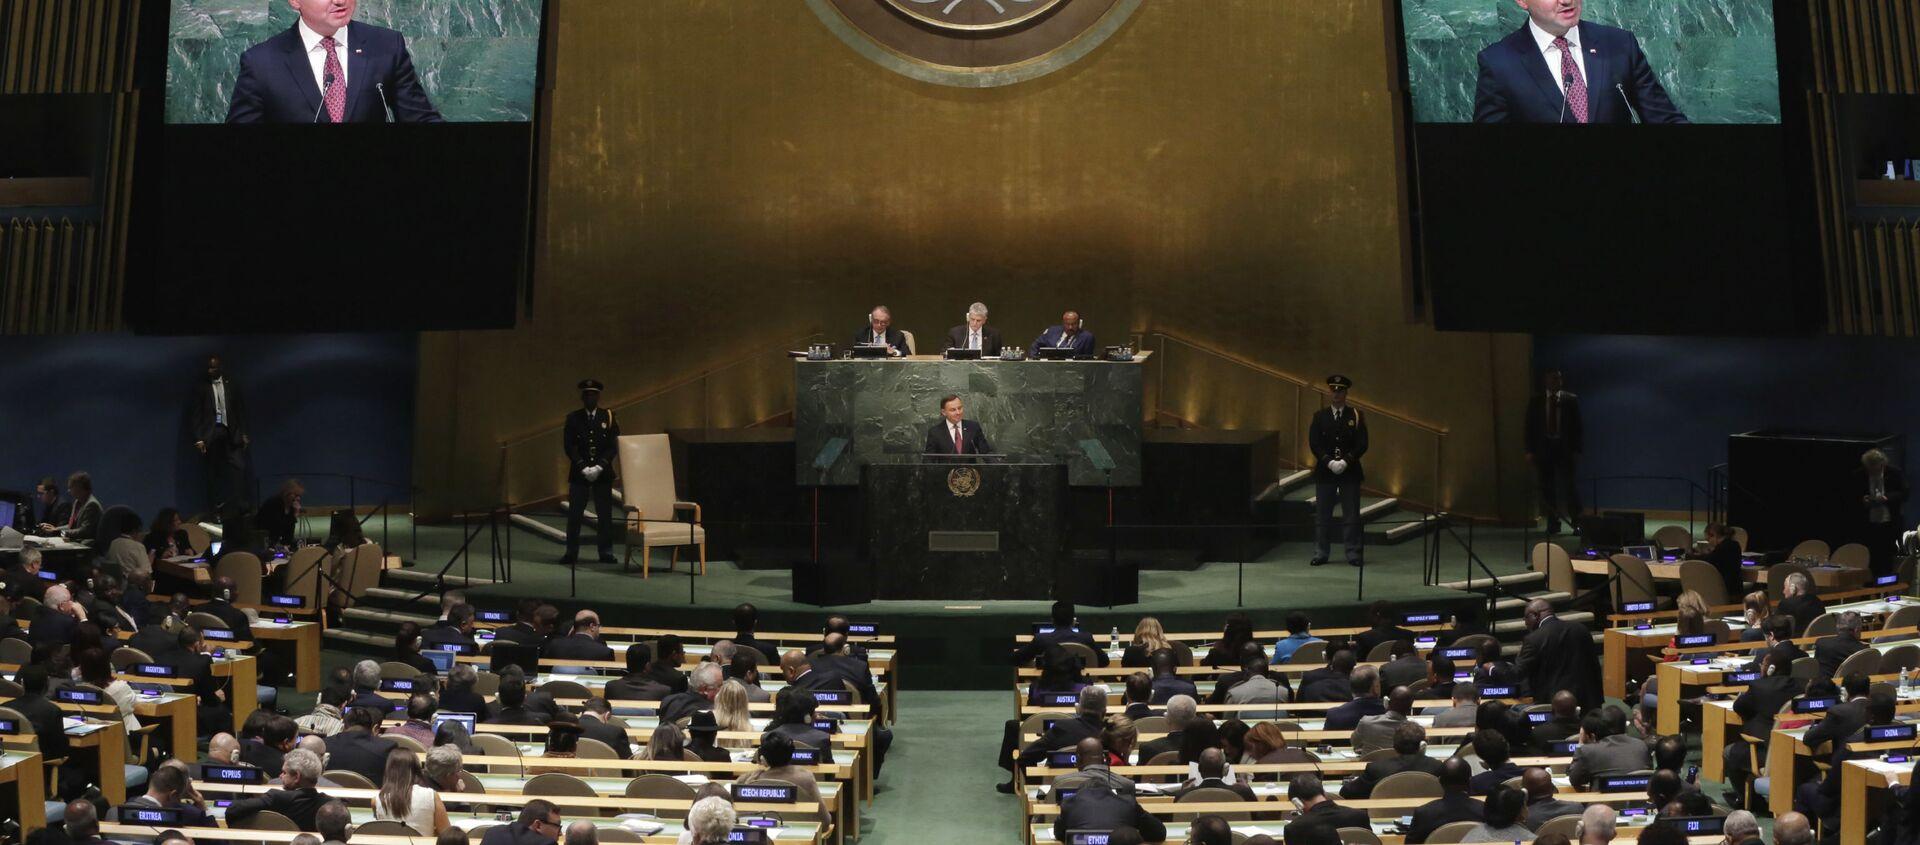 Prezydent Polski Andrzej Duda podczas Zgromadzenia Ogólnego ONZ 2015 - Sputnik Polska, 1920, 12.03.2021